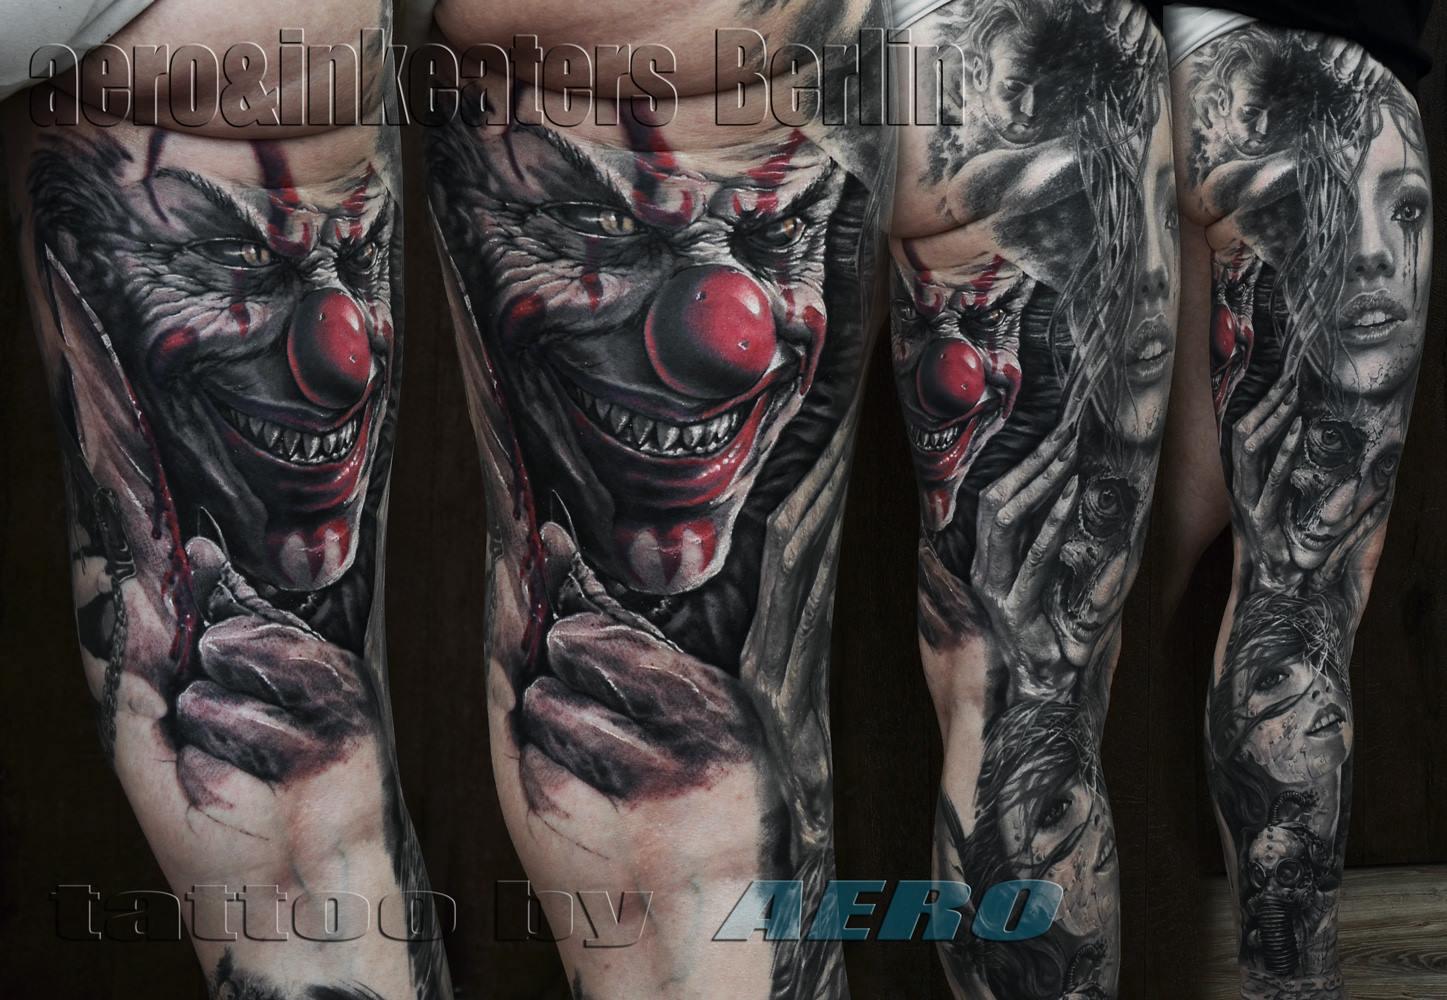 Tattoo von einem grinsenden Clownsgesicht auf dem hinteren Bein.